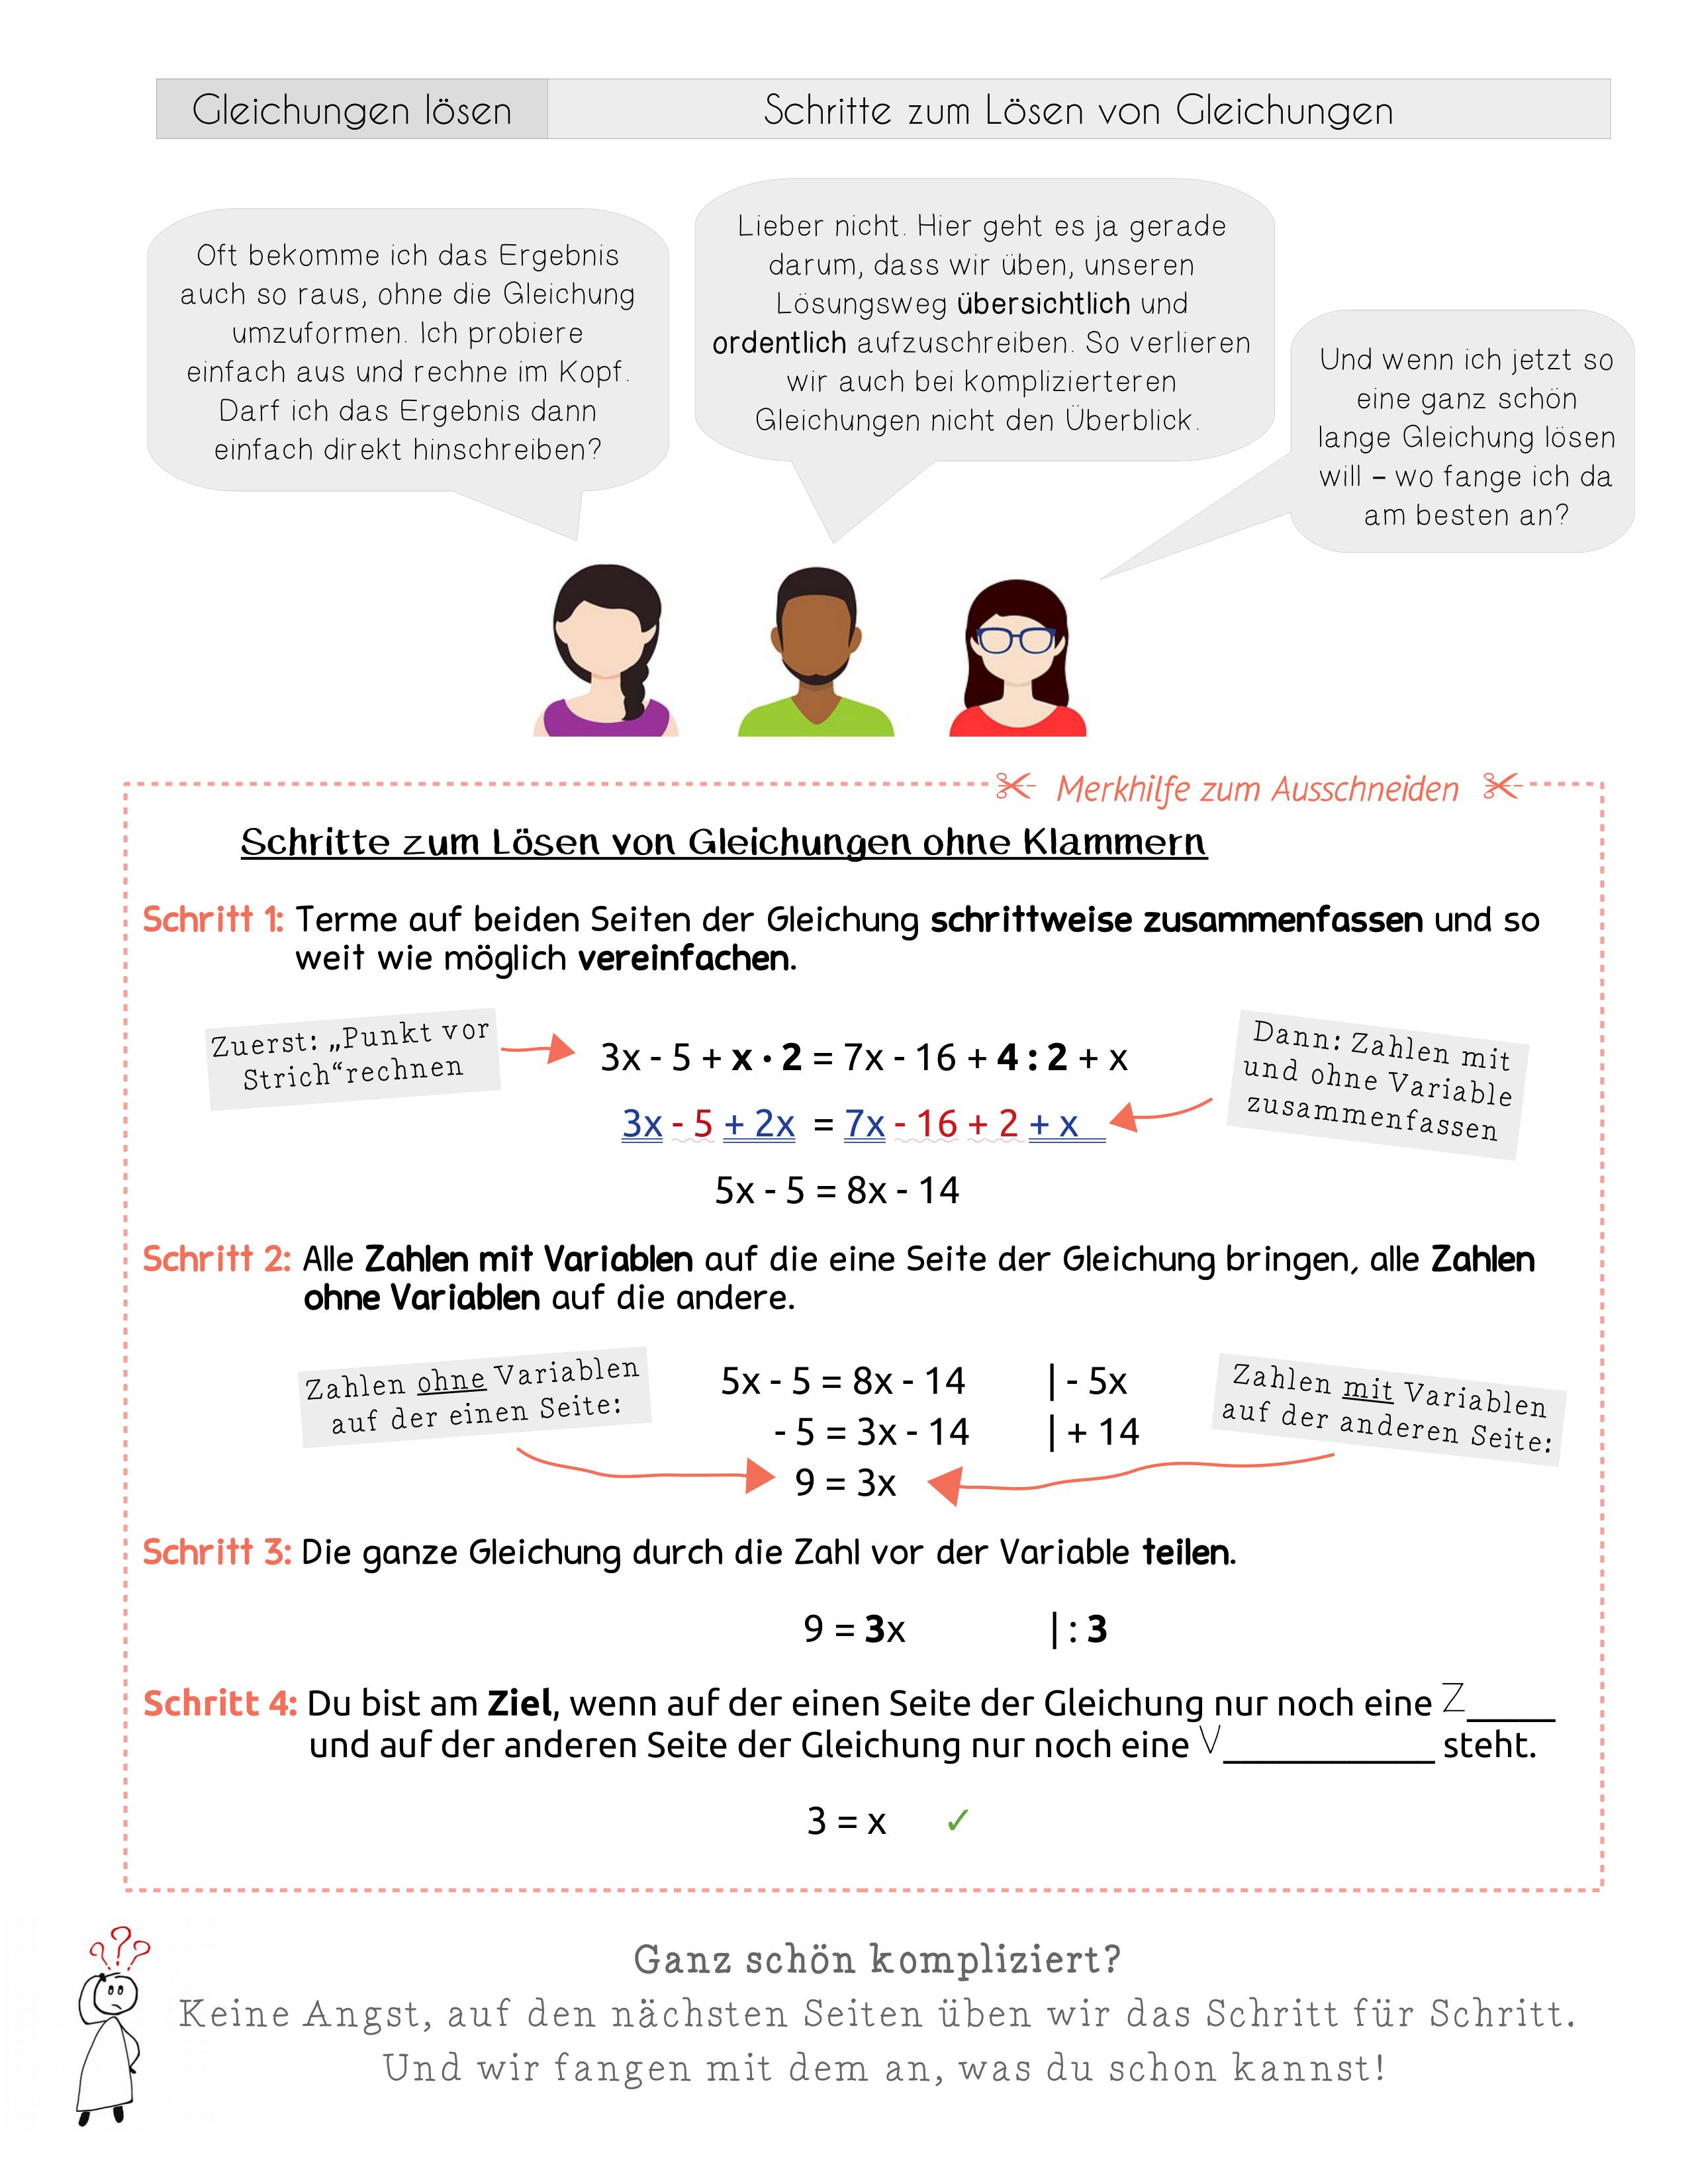 Schritte Zum Losen Von Gleichungen Ohne Klammern Unterrichtsmaterial Im Fach Mathematik Gleichungen Losen Gleichungen Mathematik